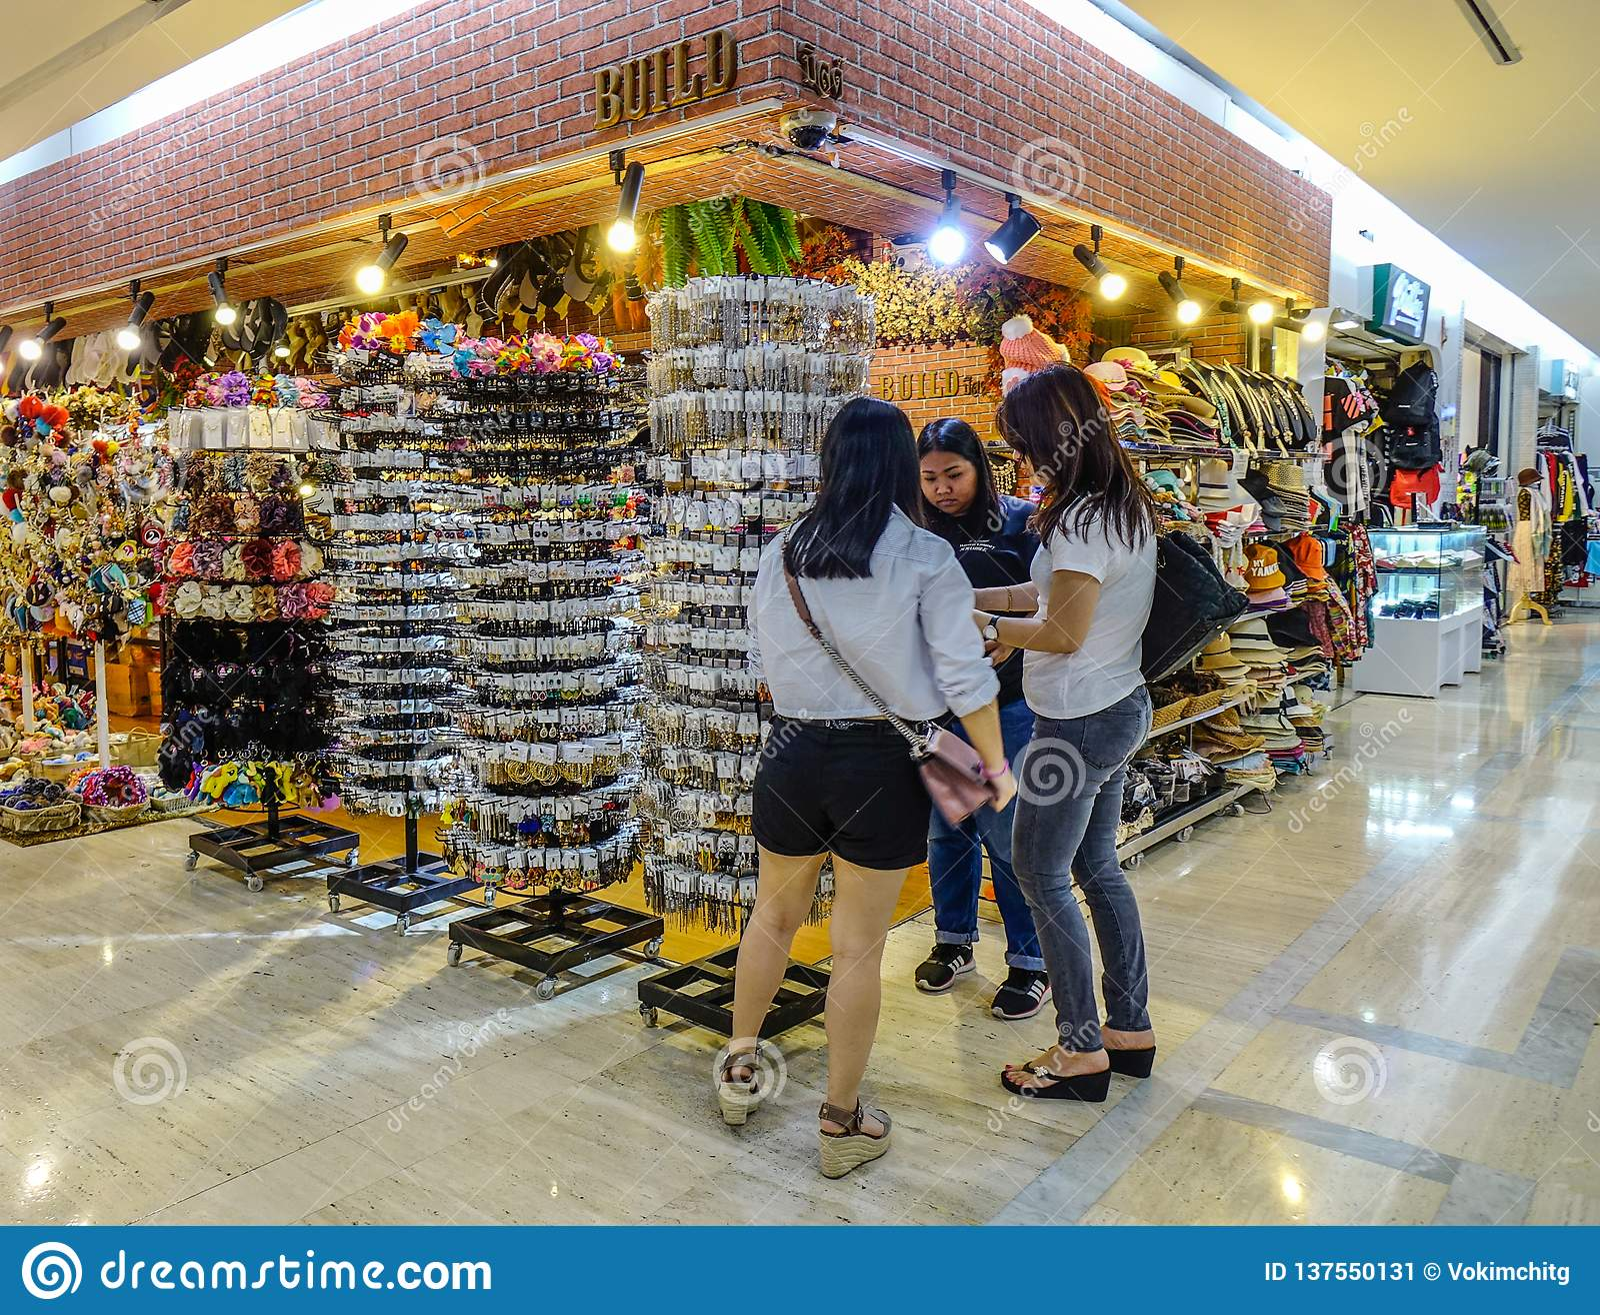 在安博凯购物中心的纪念品店在曼谷